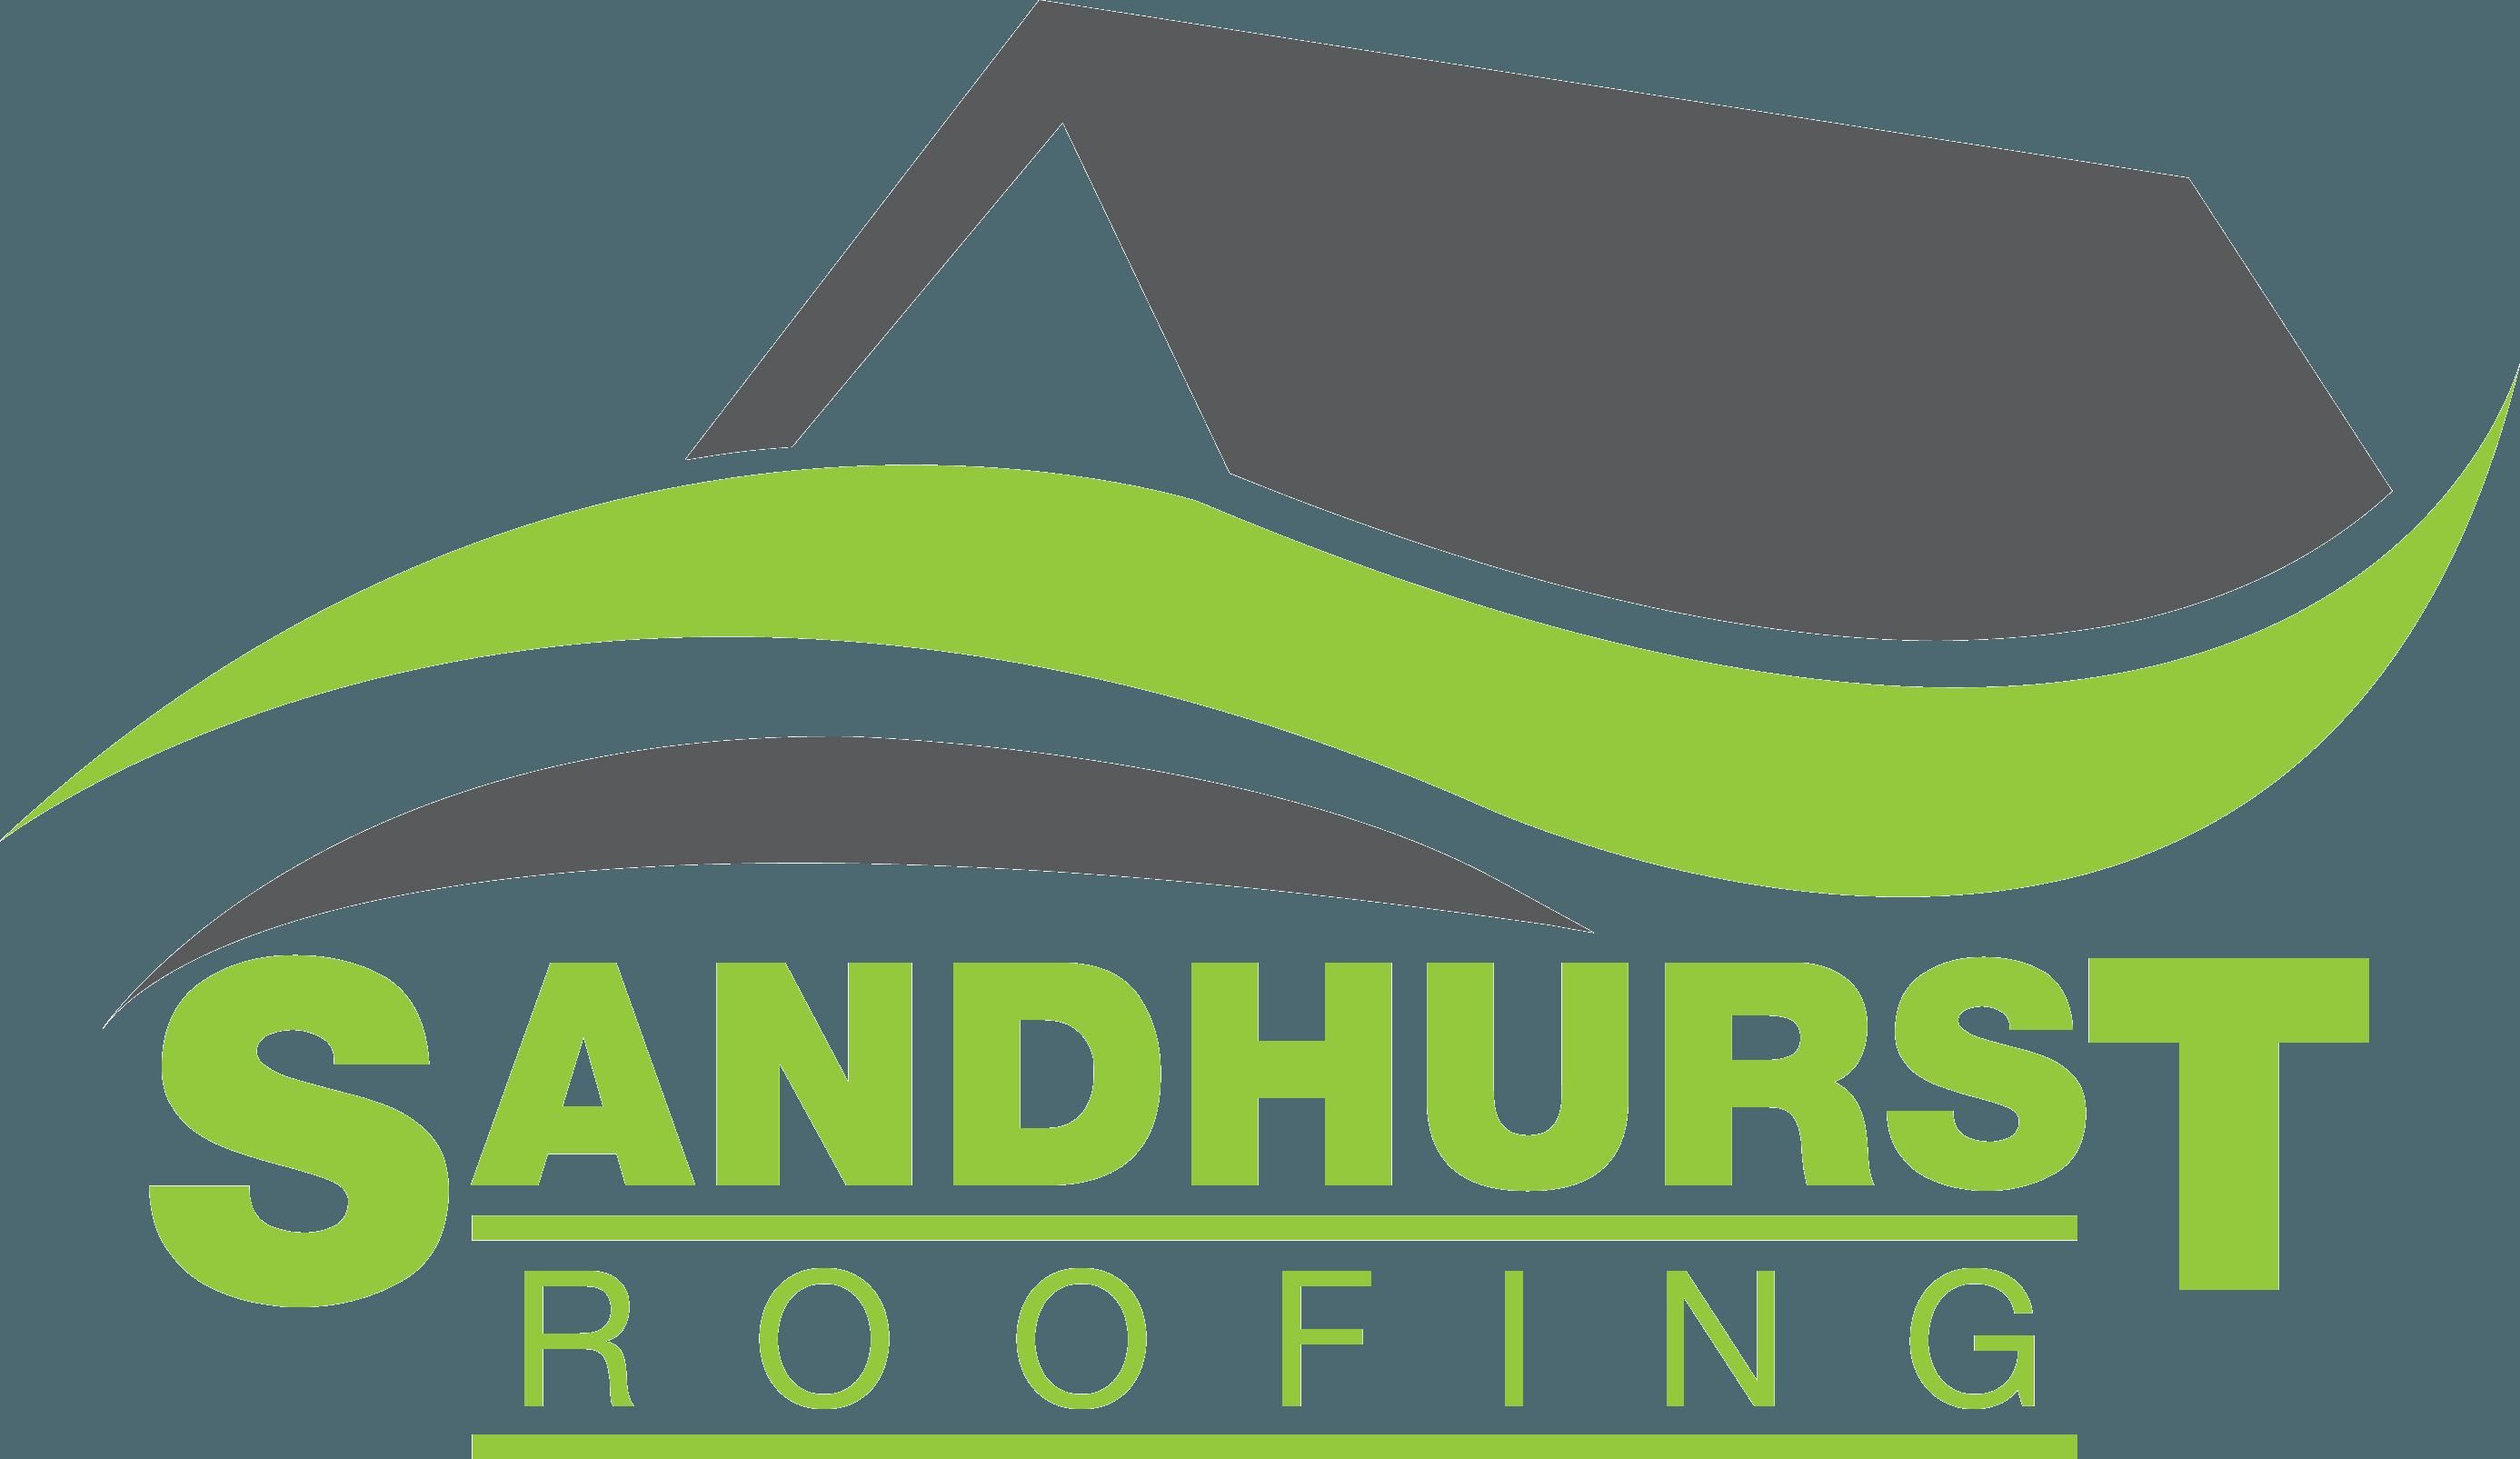 sandhurst roofing logo